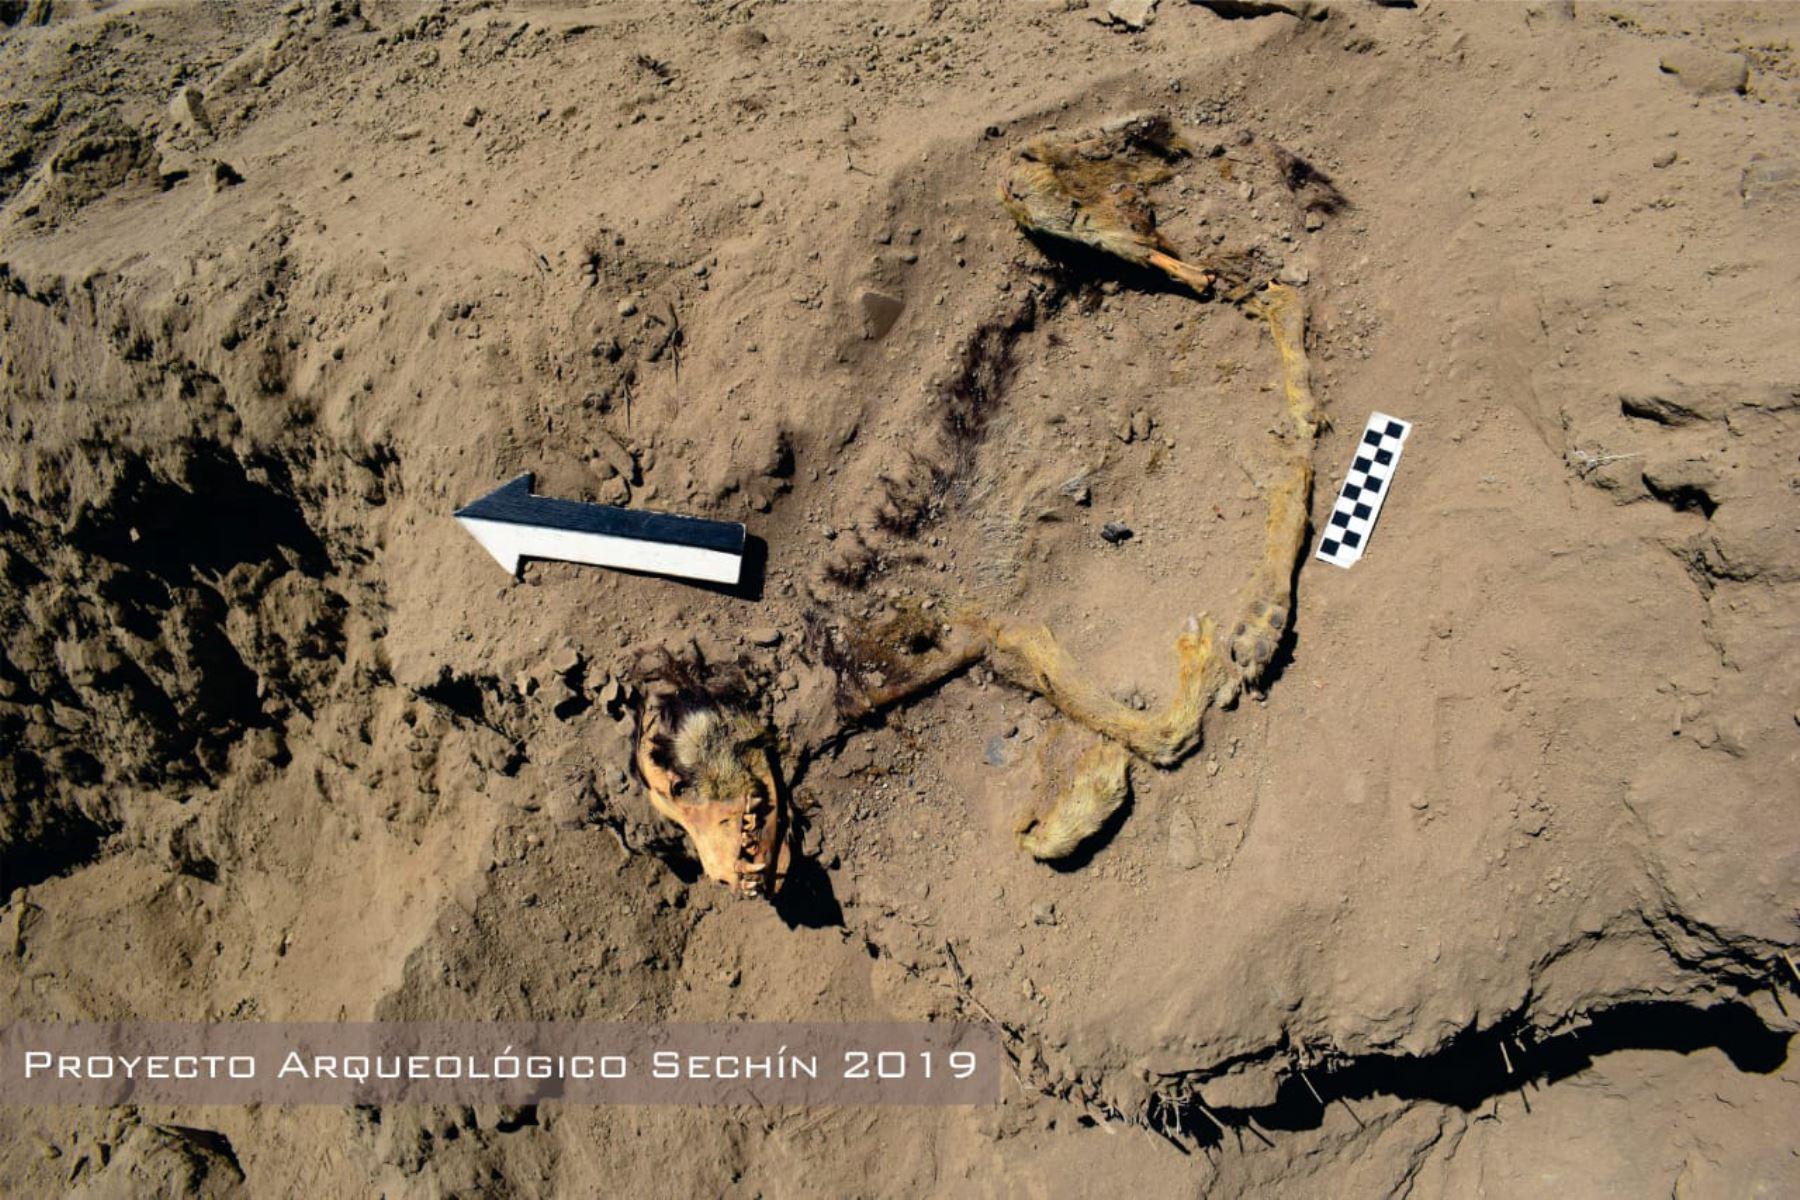 Hallan perro enterrado hace mil años en zona arqueológica de Perú